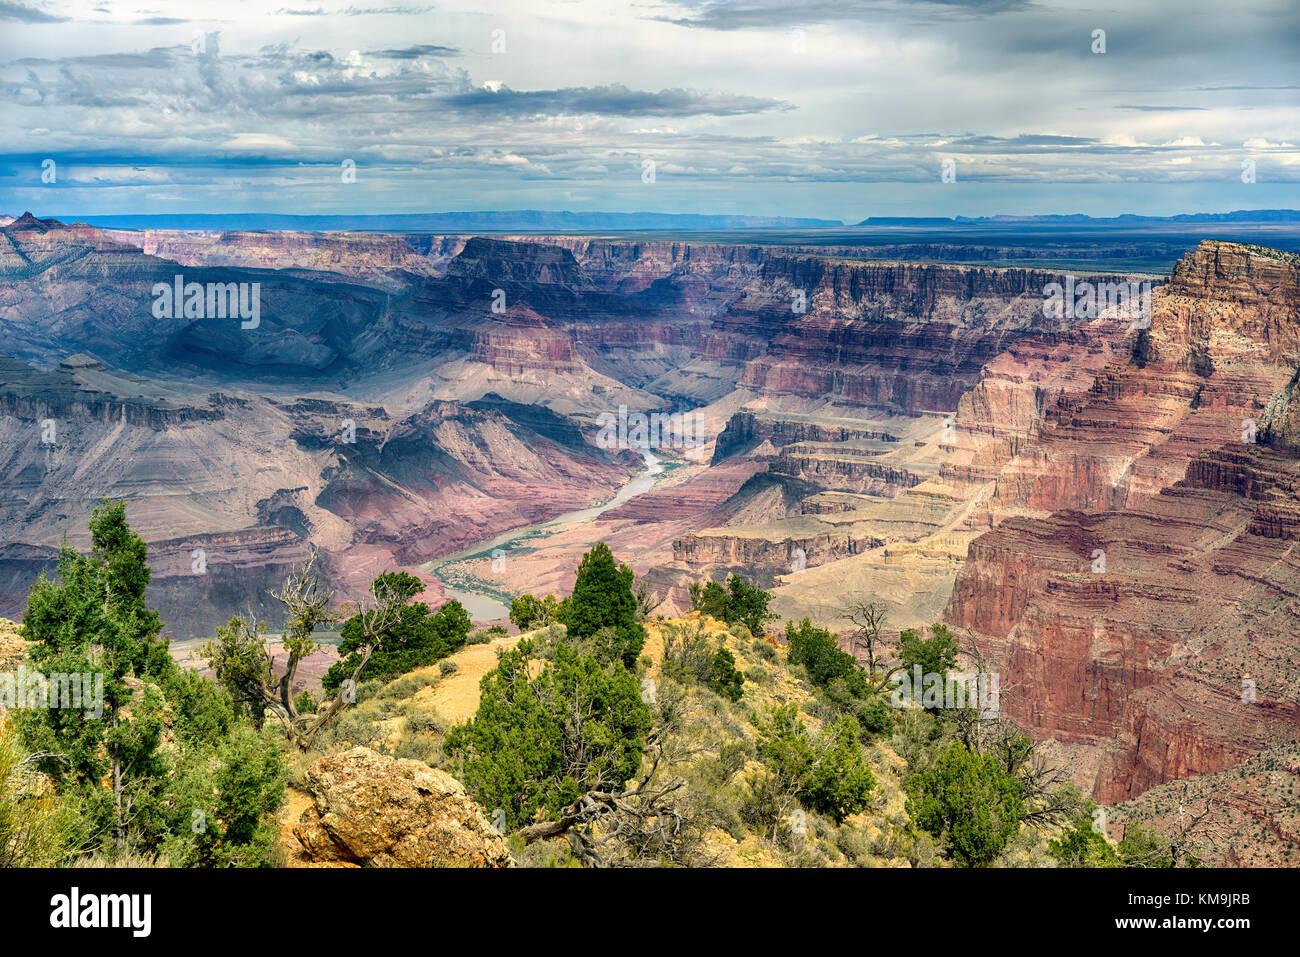 Grand Canyon National Park, Arizona Landschaft mit Blick auf den Colorado River in der Ferne. 2-in-1-Bands von Red Stockbild